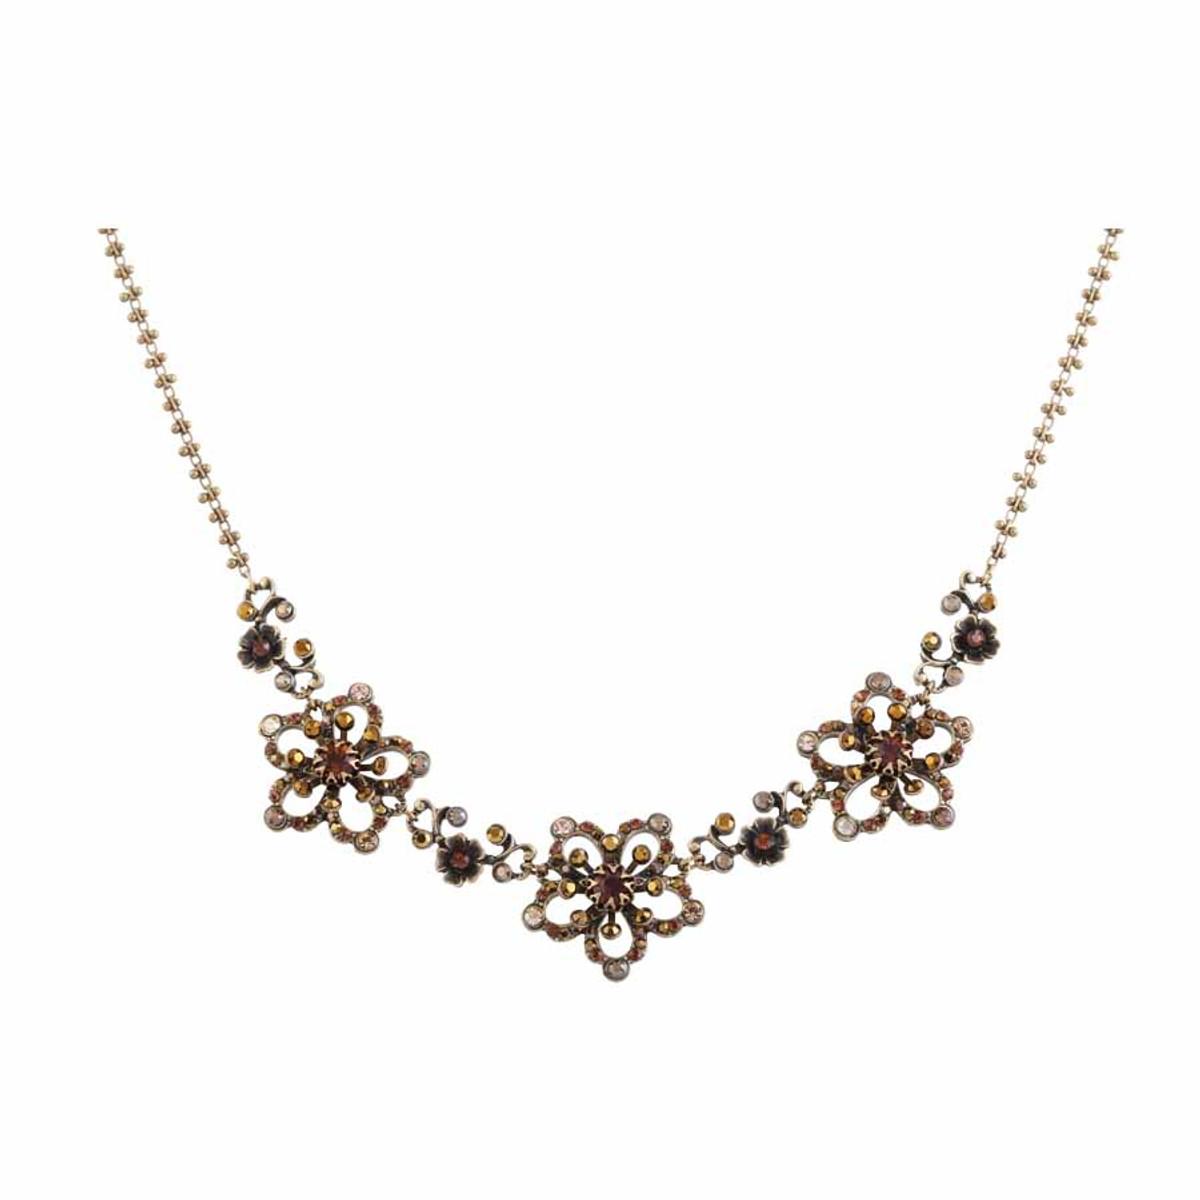 Michal Negrin Antique Shine Necklace - Multi Color